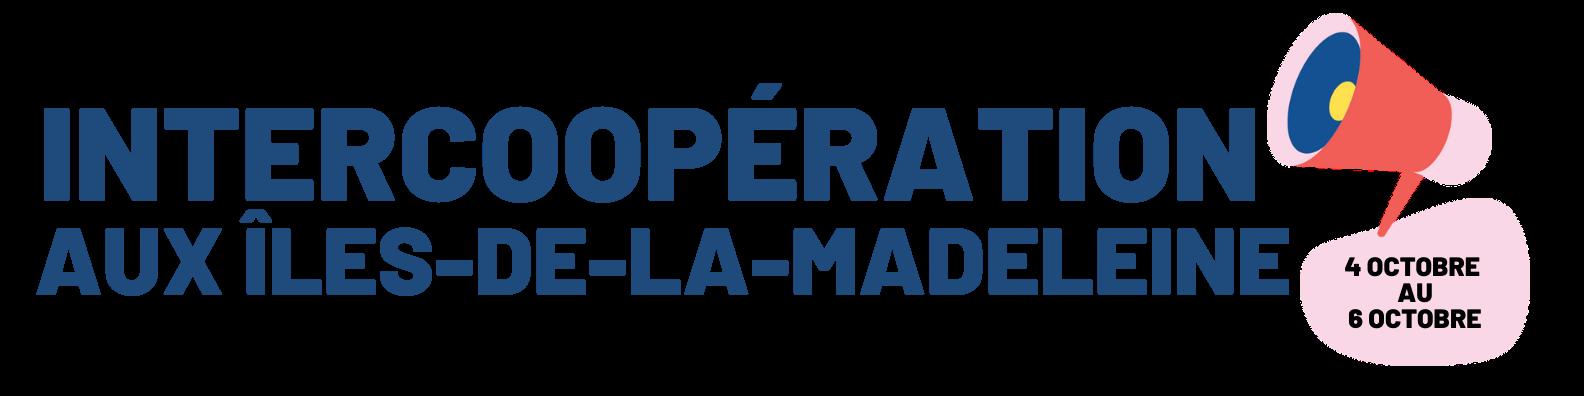 Événement Intercoopération aux Iles